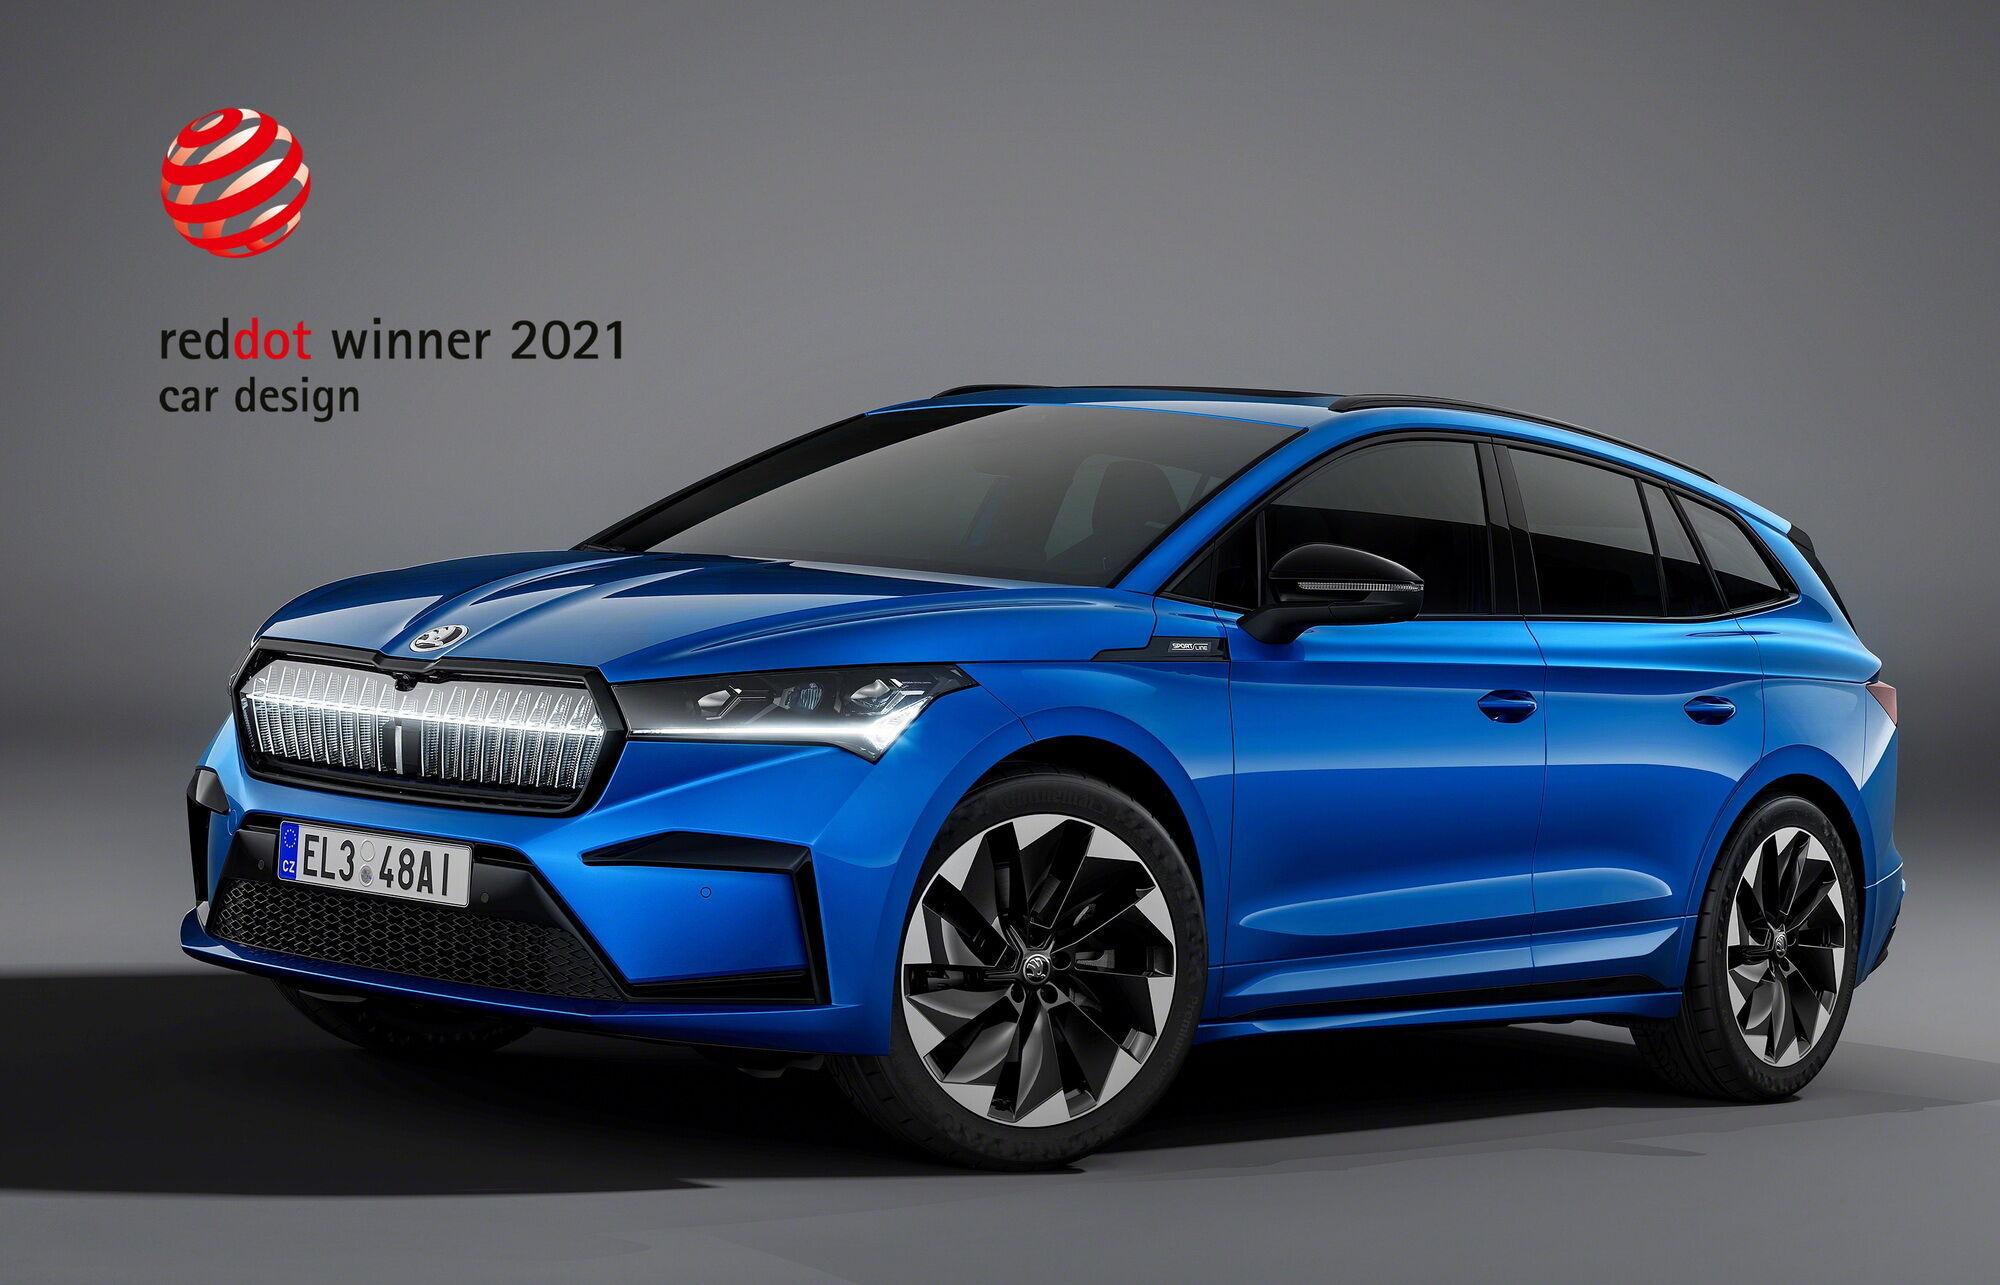 Новый электромобиль Enyaq iV принес компании 16-ю награду конкурса Red Dot Award